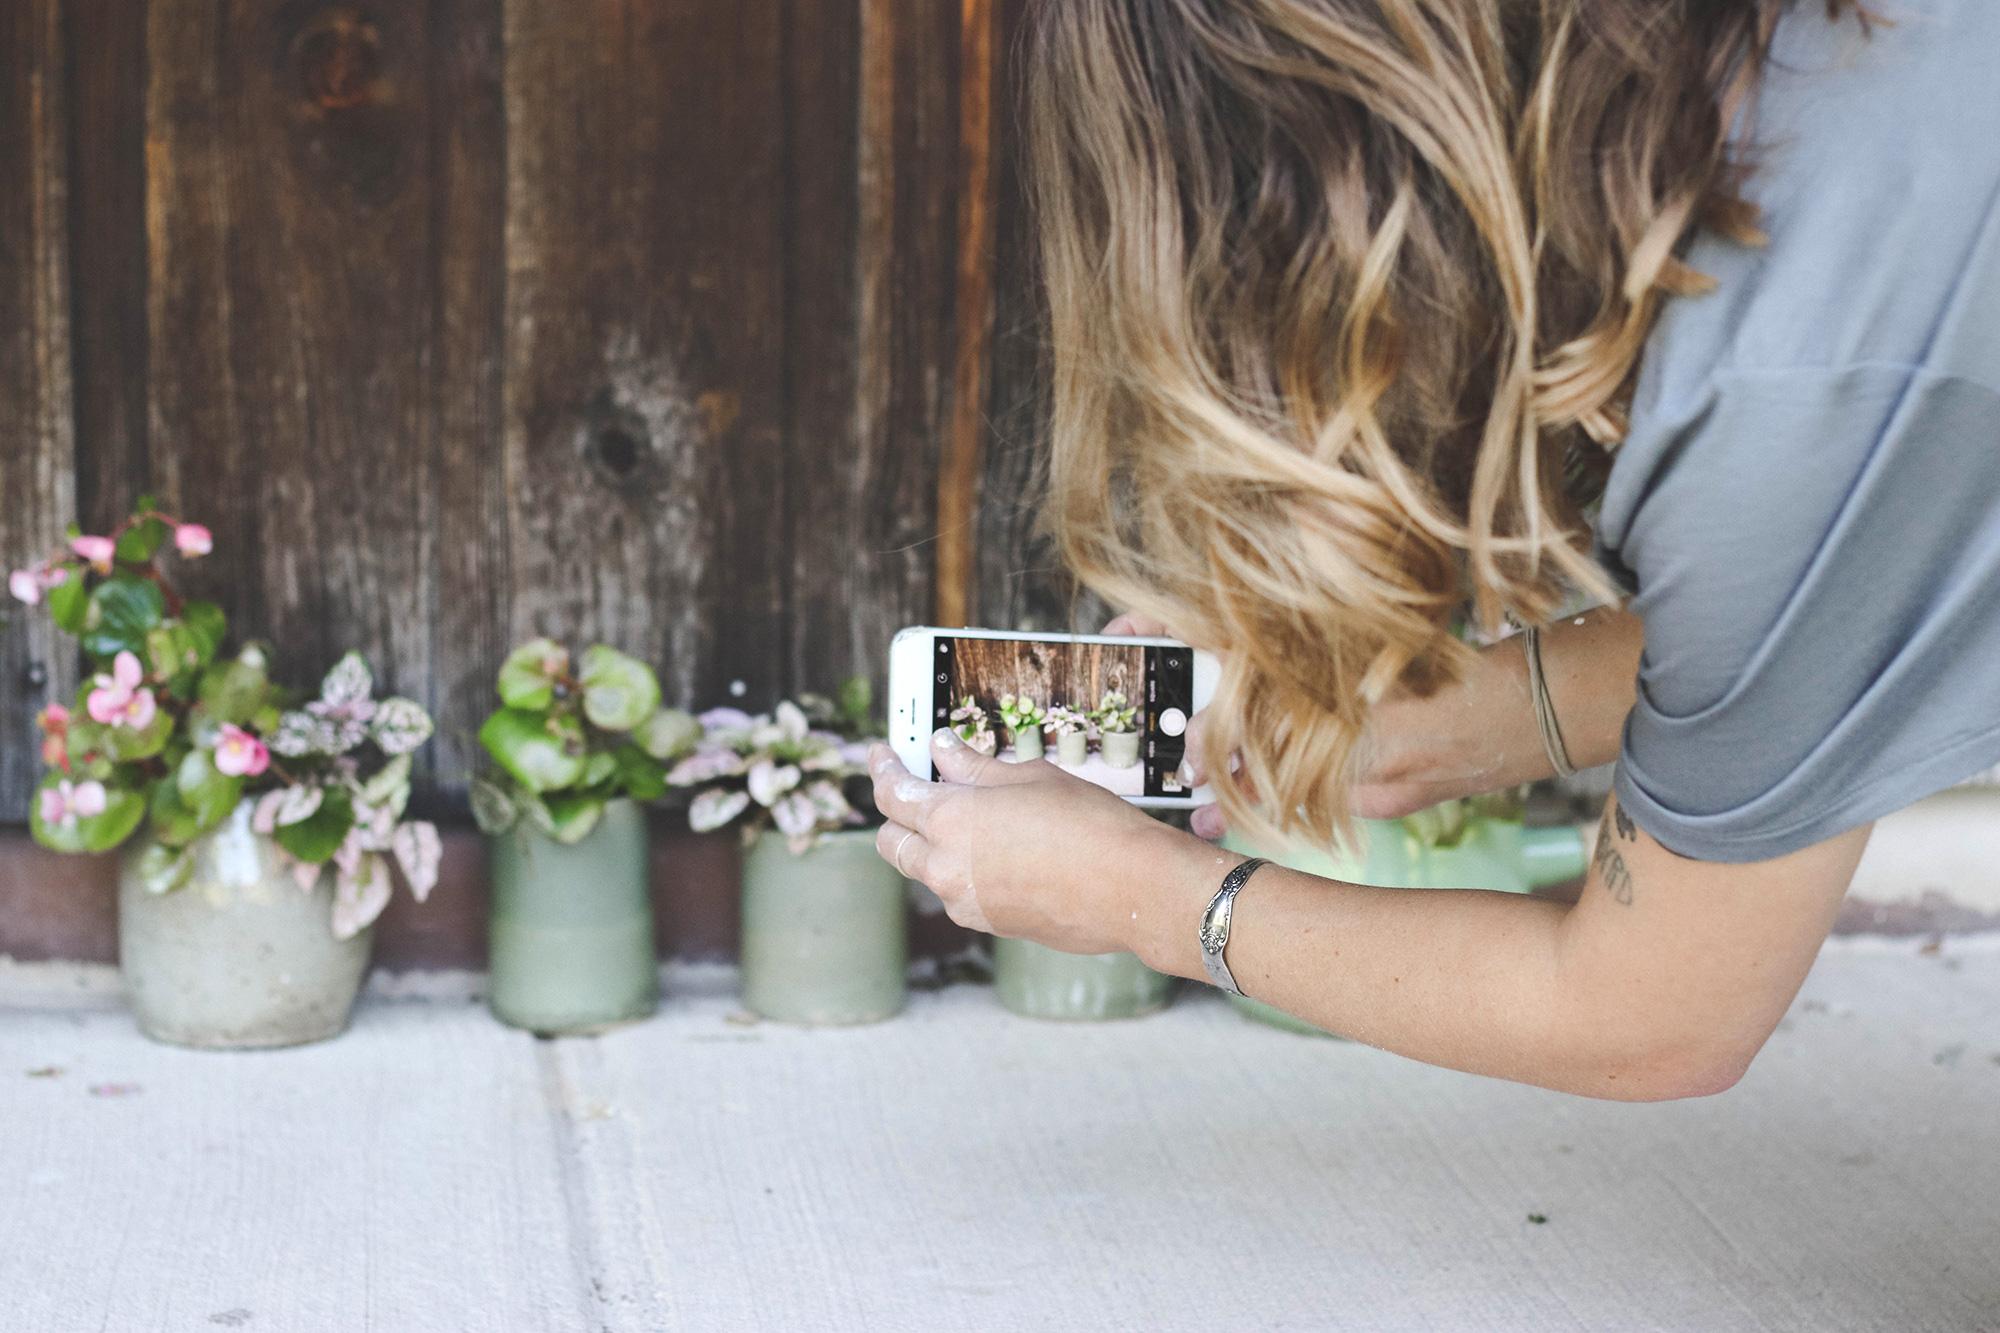 Digitale Bilder finden in Fotobüchern ein Zuhause